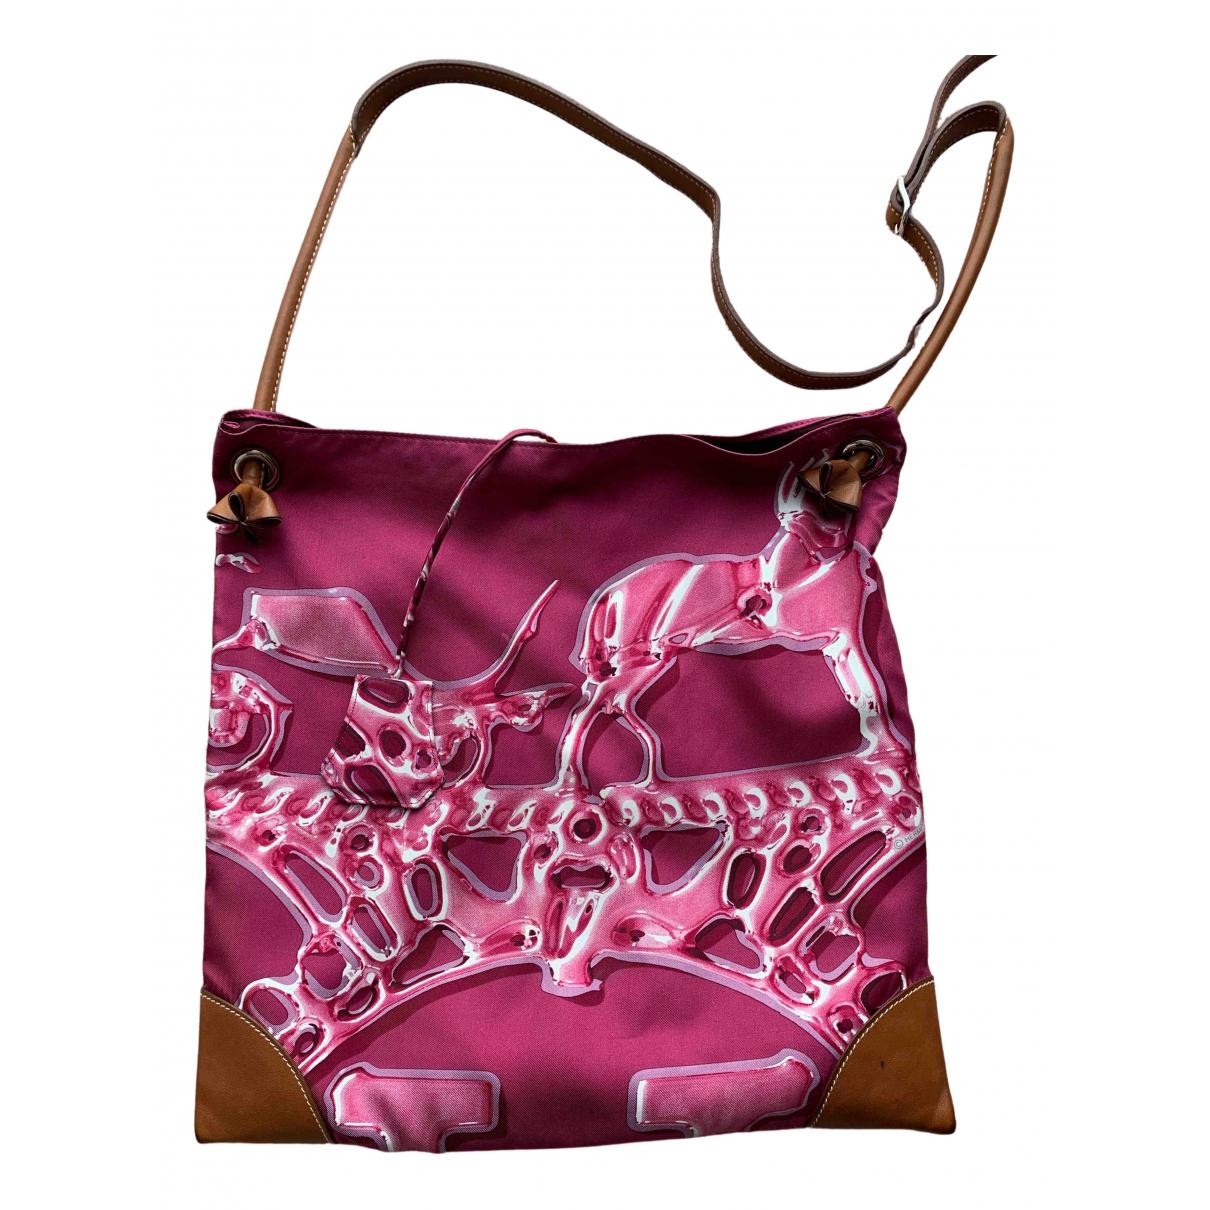 Hermes - Sac a main Silk City pour femme en soie - rose